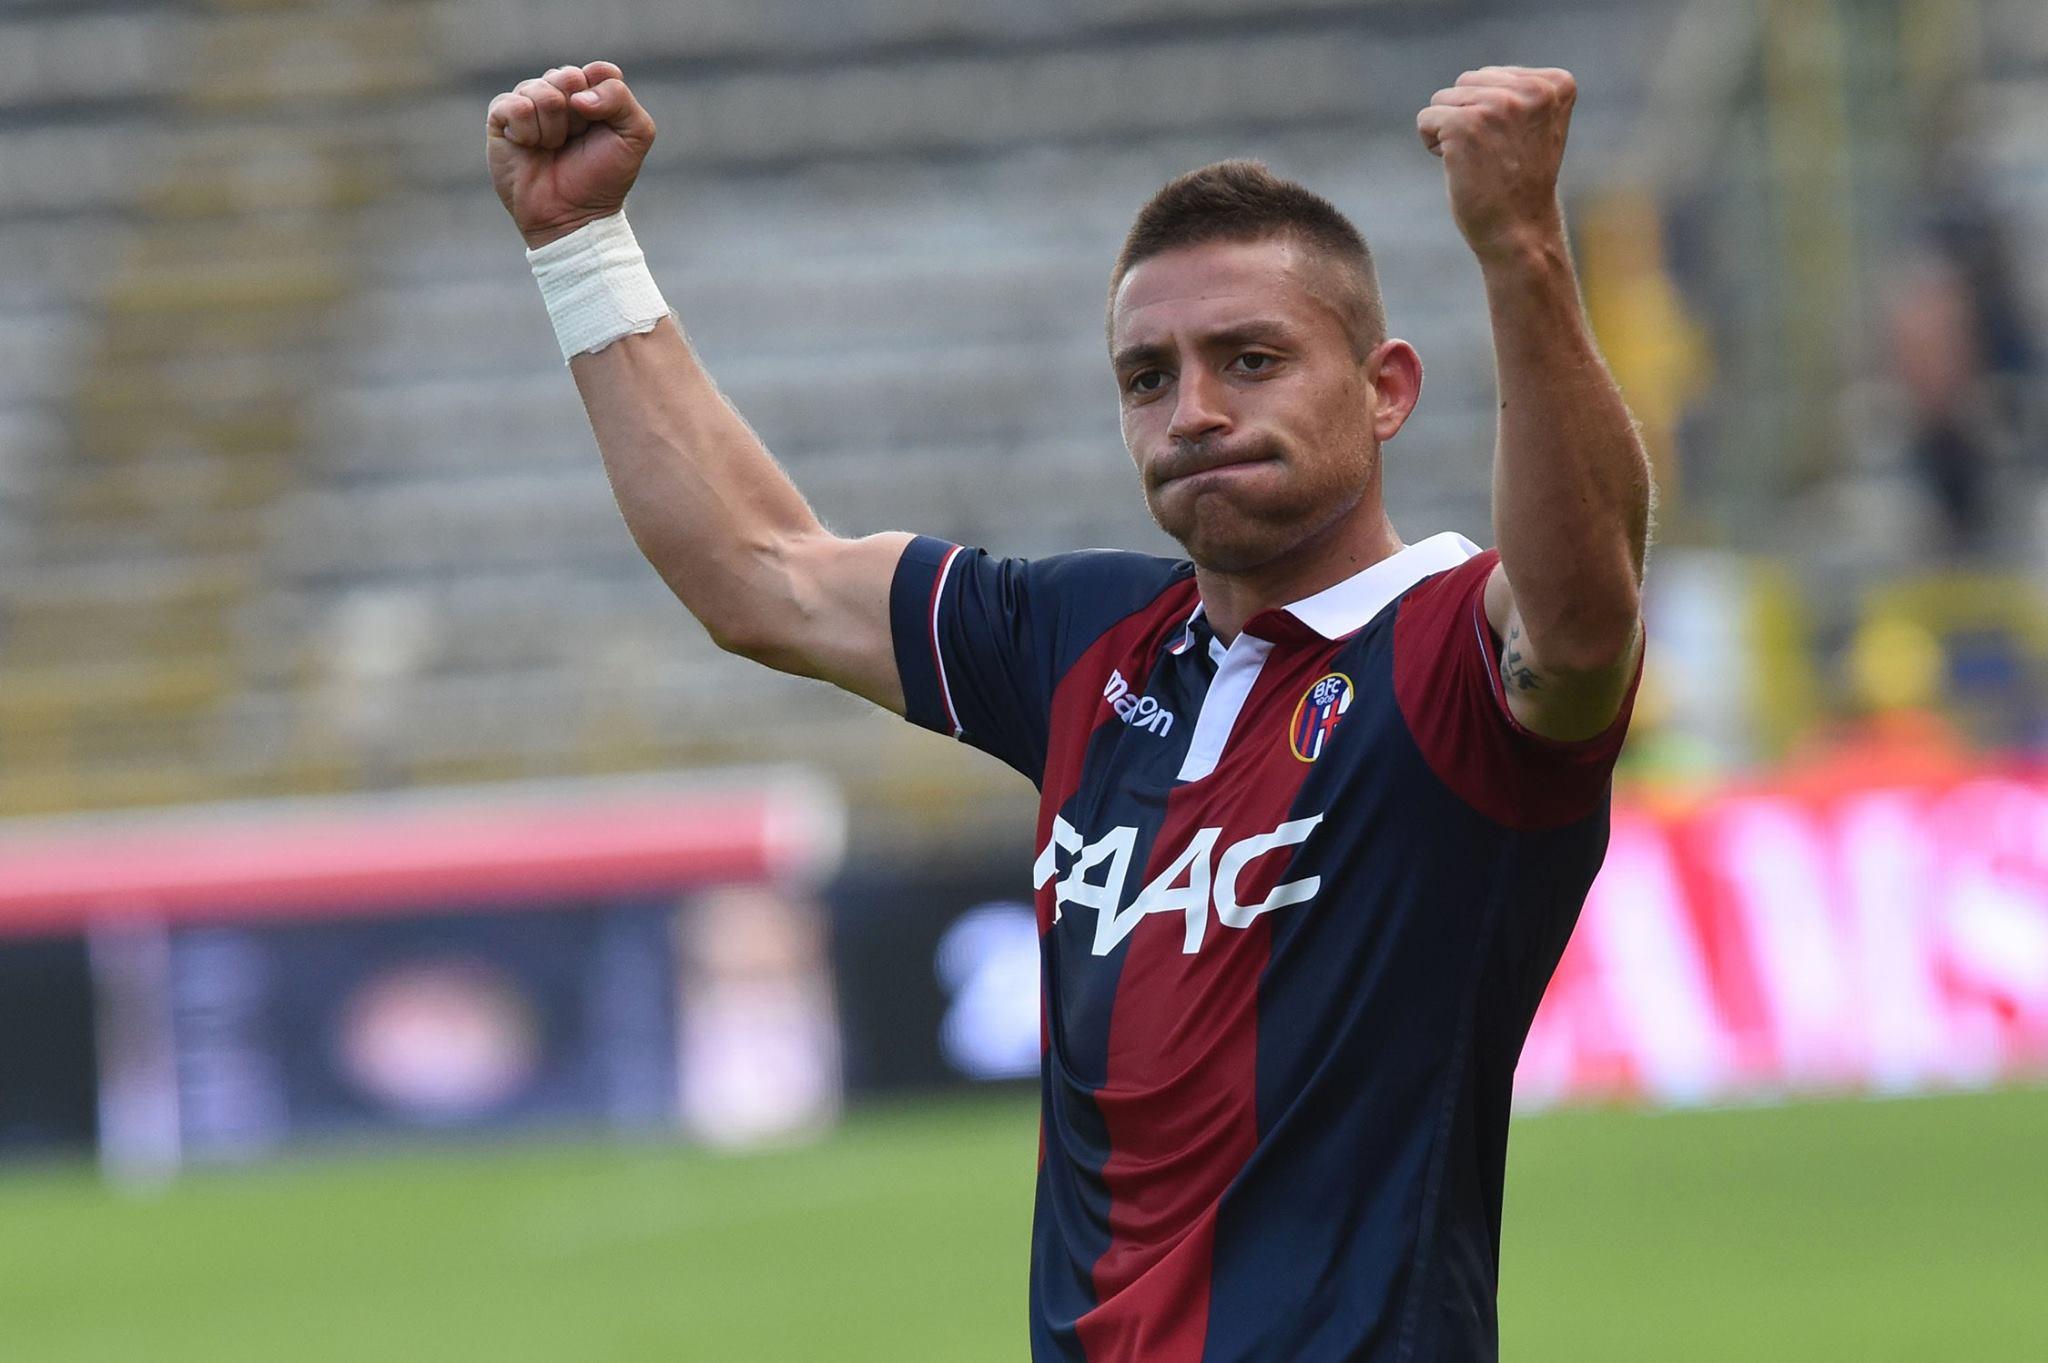 Grande ムニエ © Bologna FC